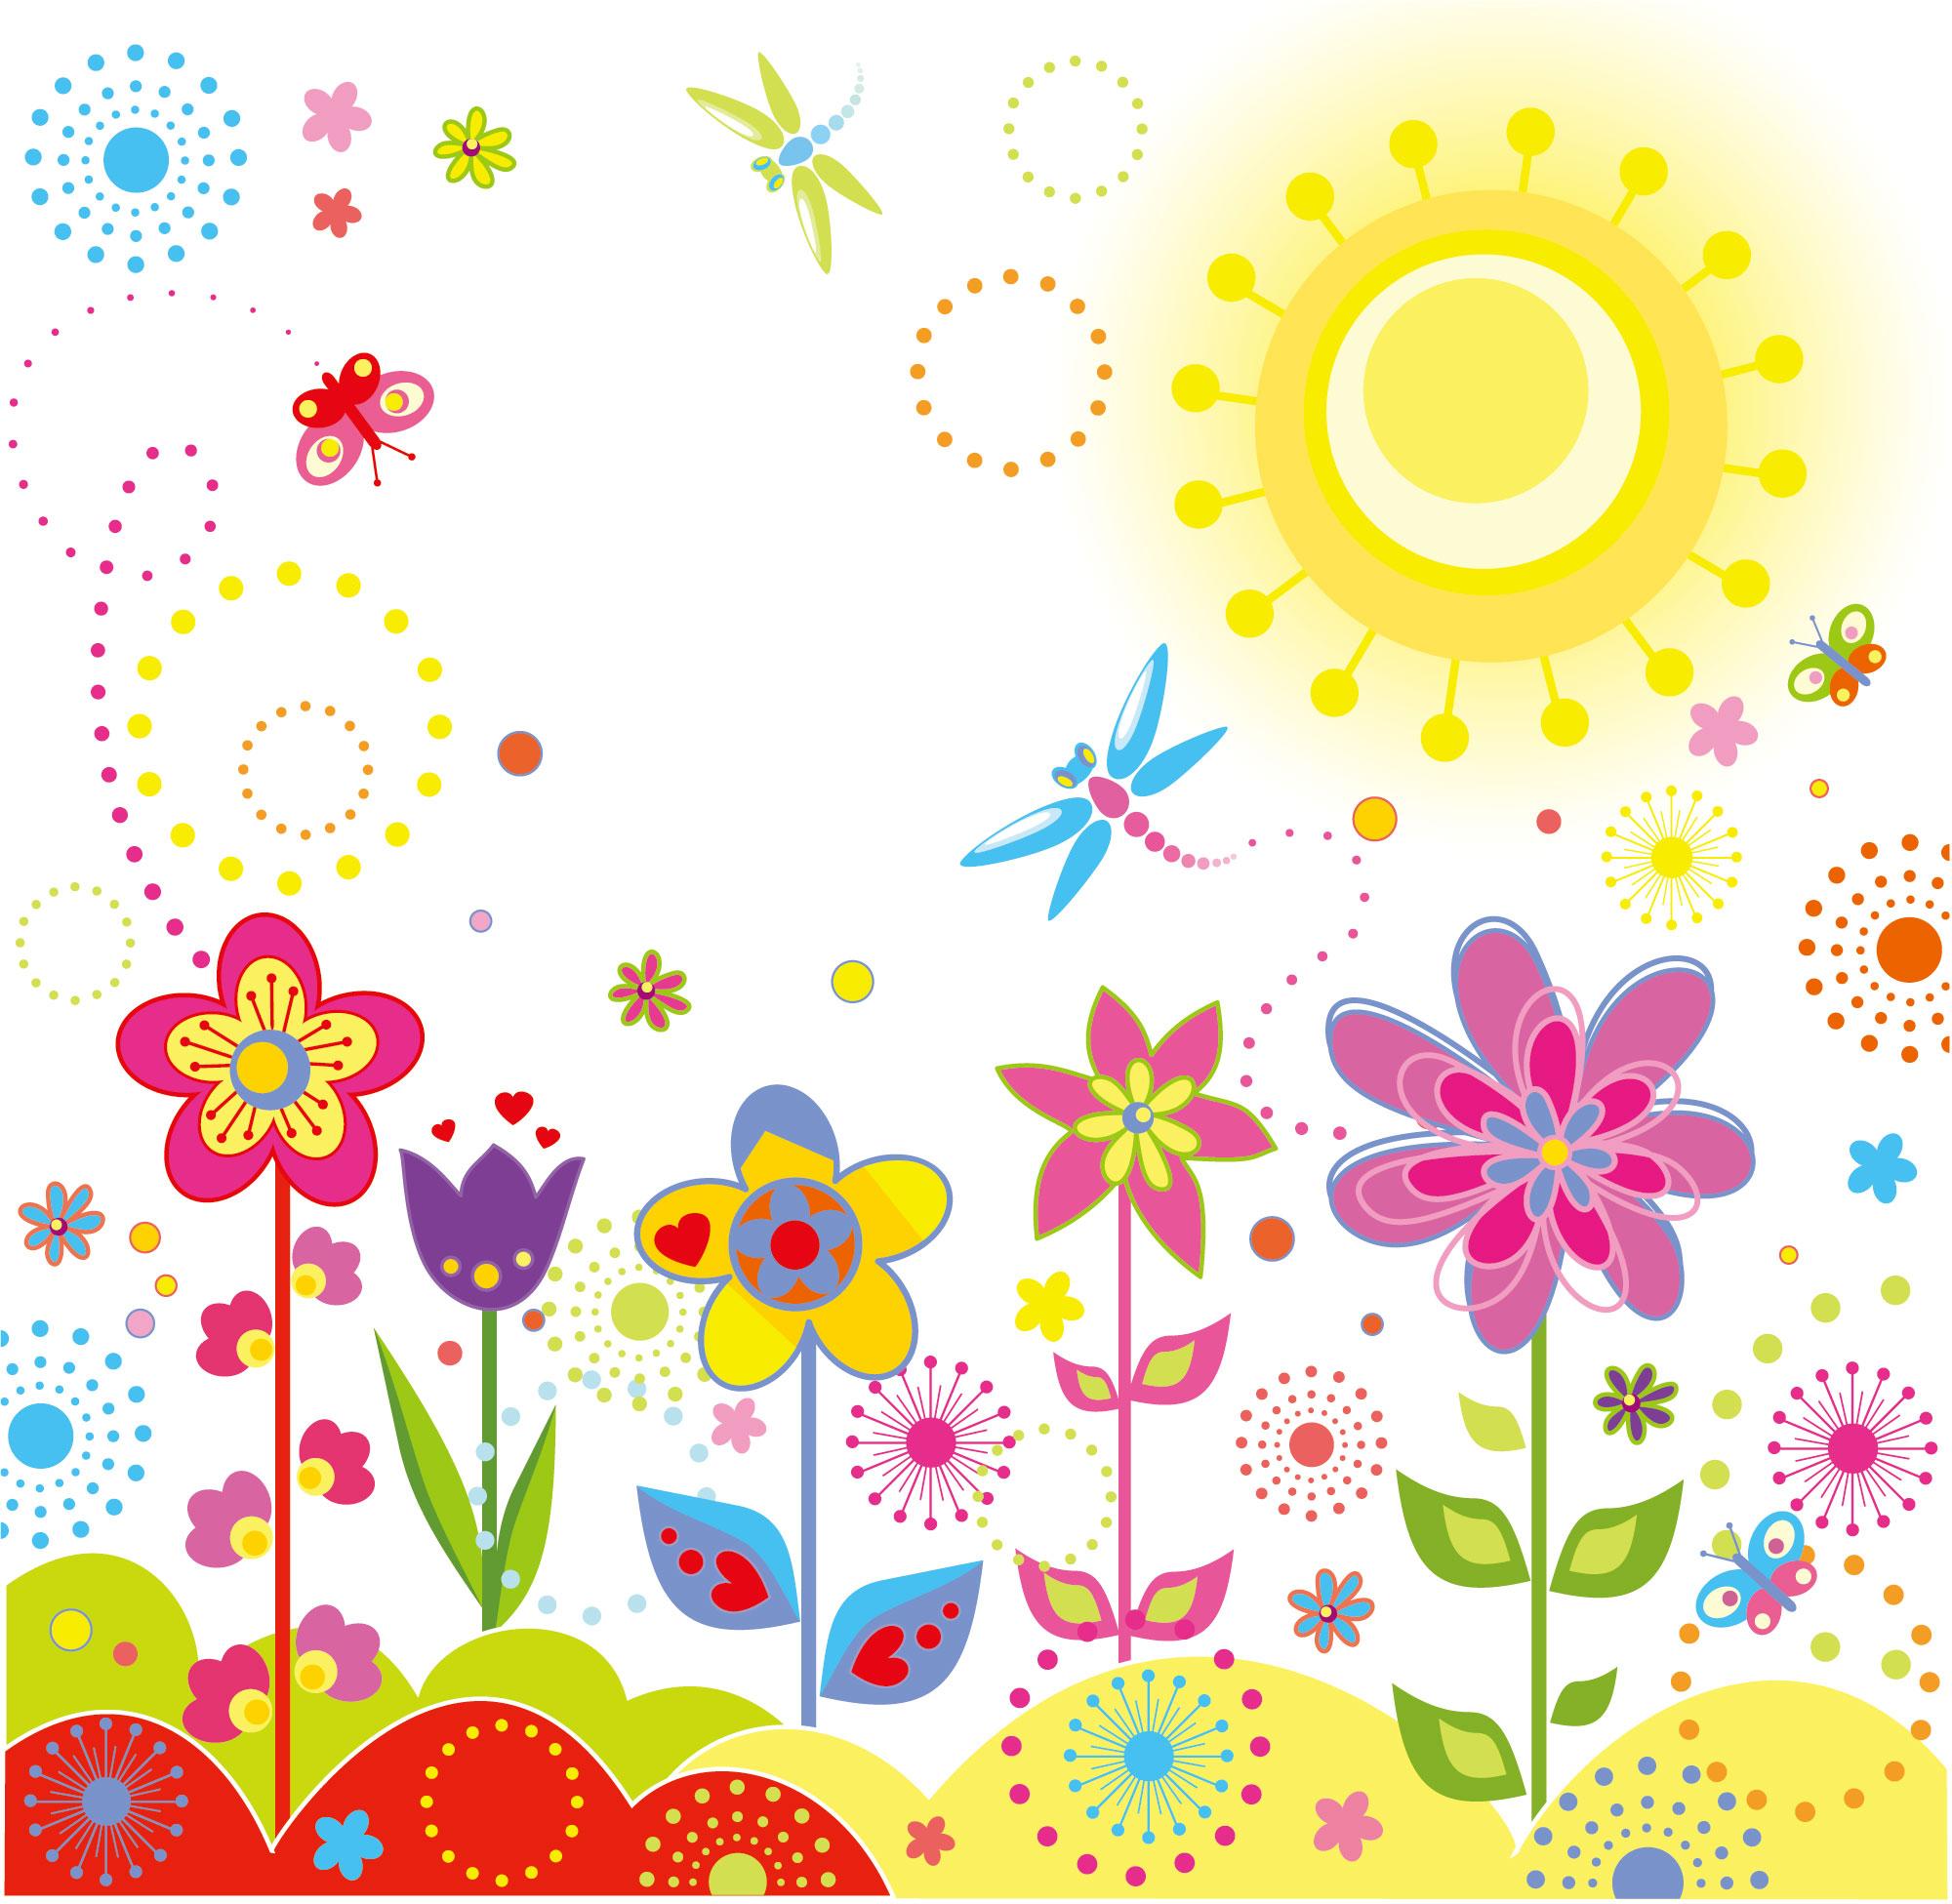 画像サンプル-ポップな花・カラフル